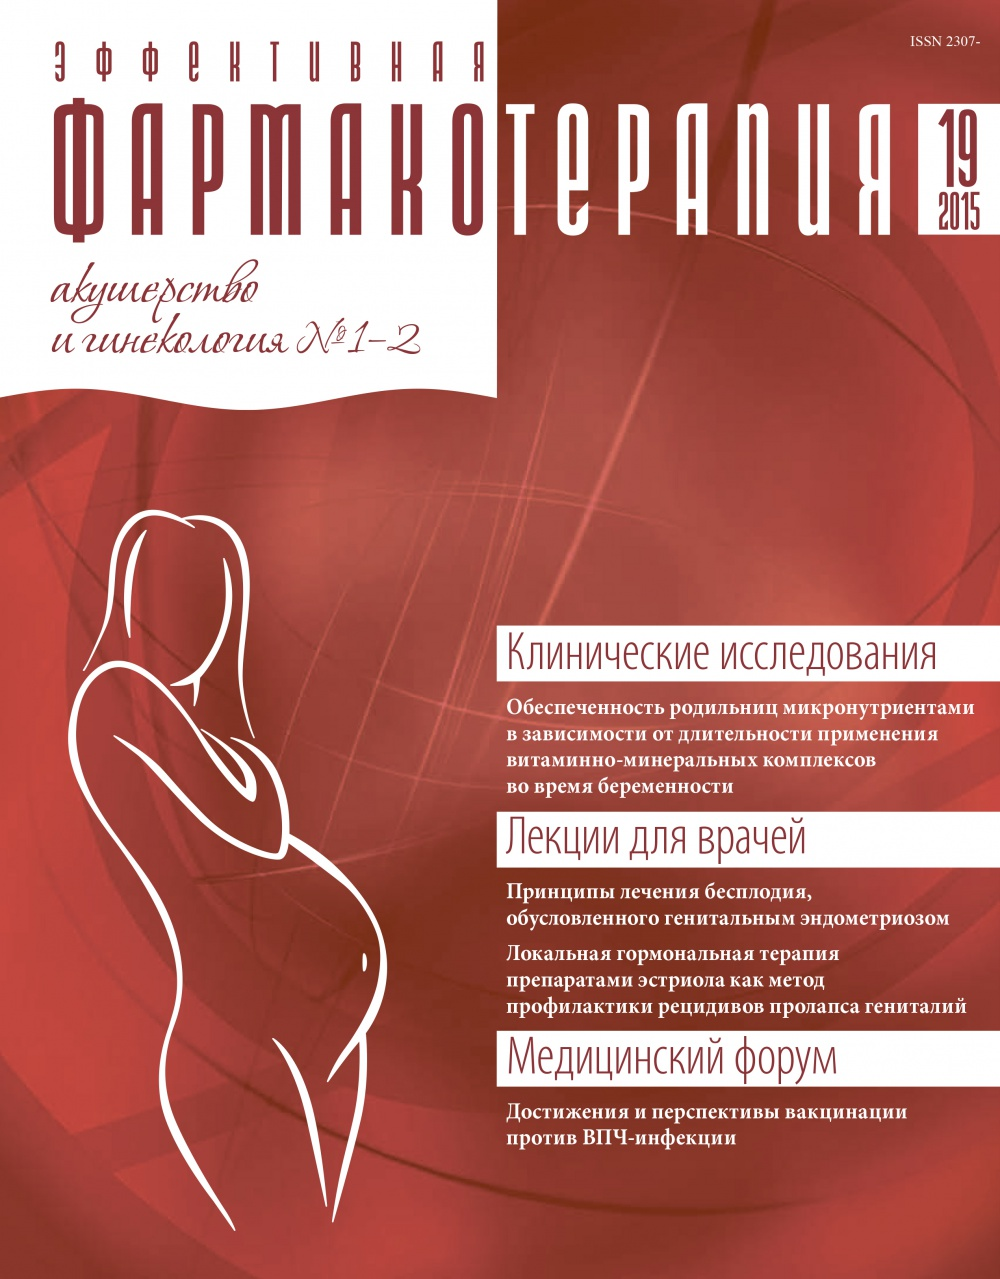 Акушерство и гинекология 1 фотография